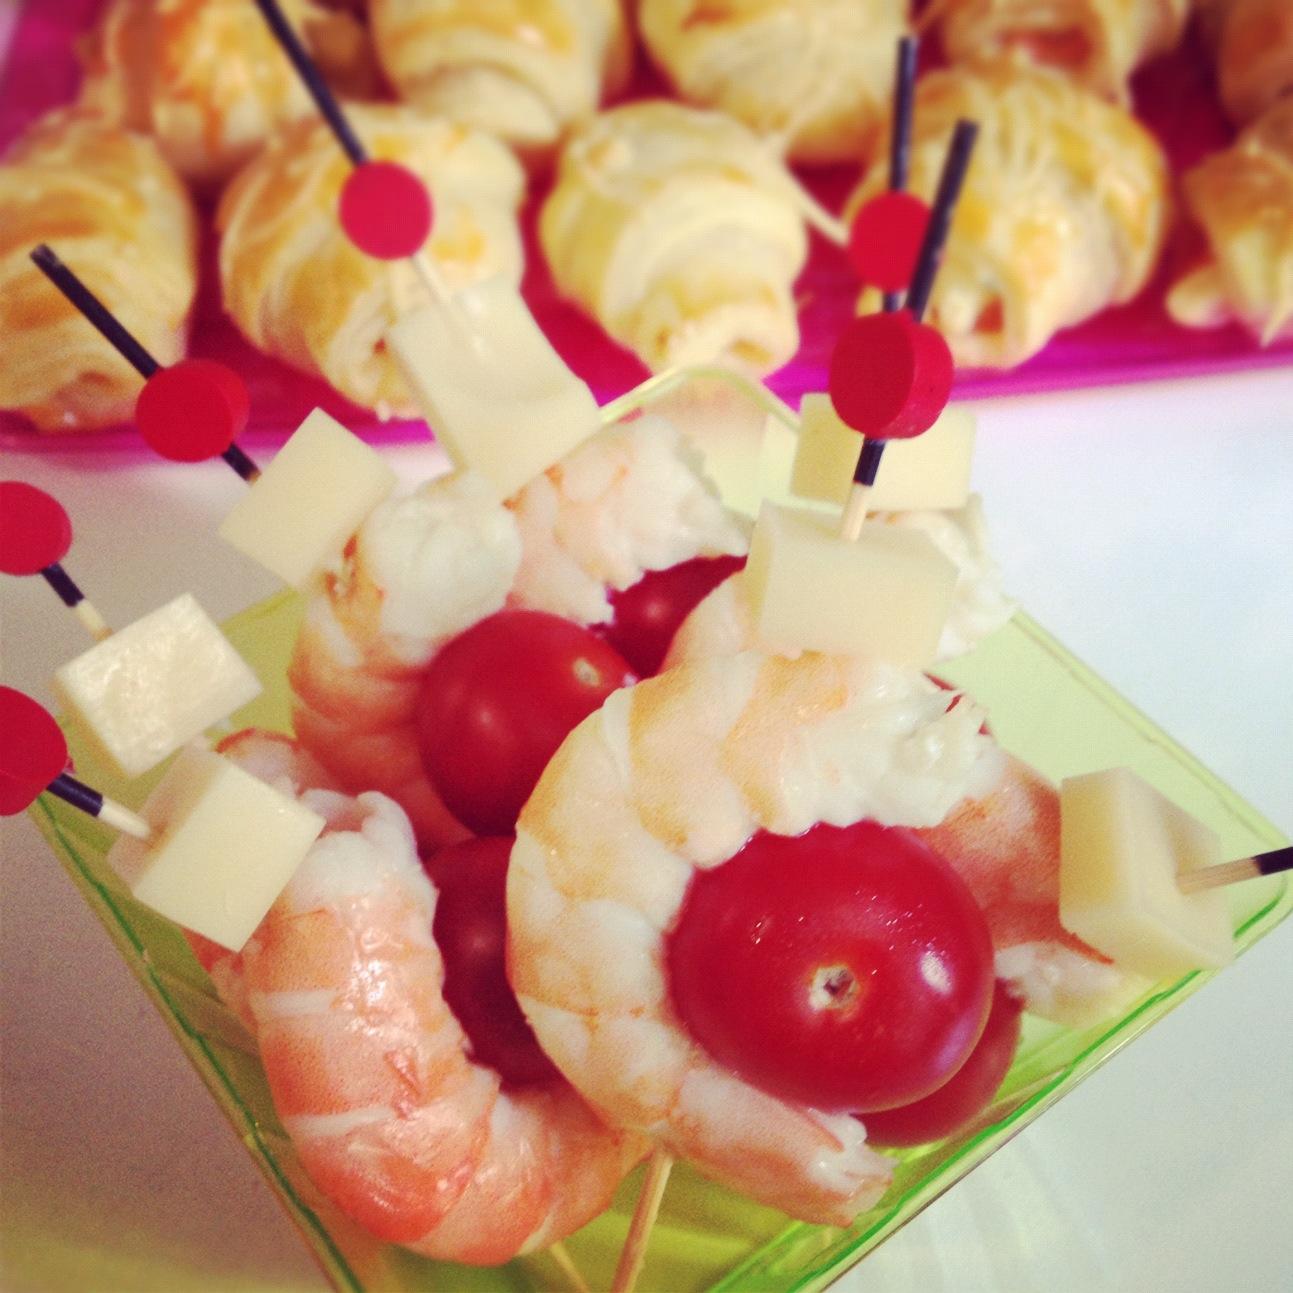 Food id es pour un ap ro dinatoire presque parfait smoothie bikini blog beaut voyage - Recette pour apero dinatoire ...